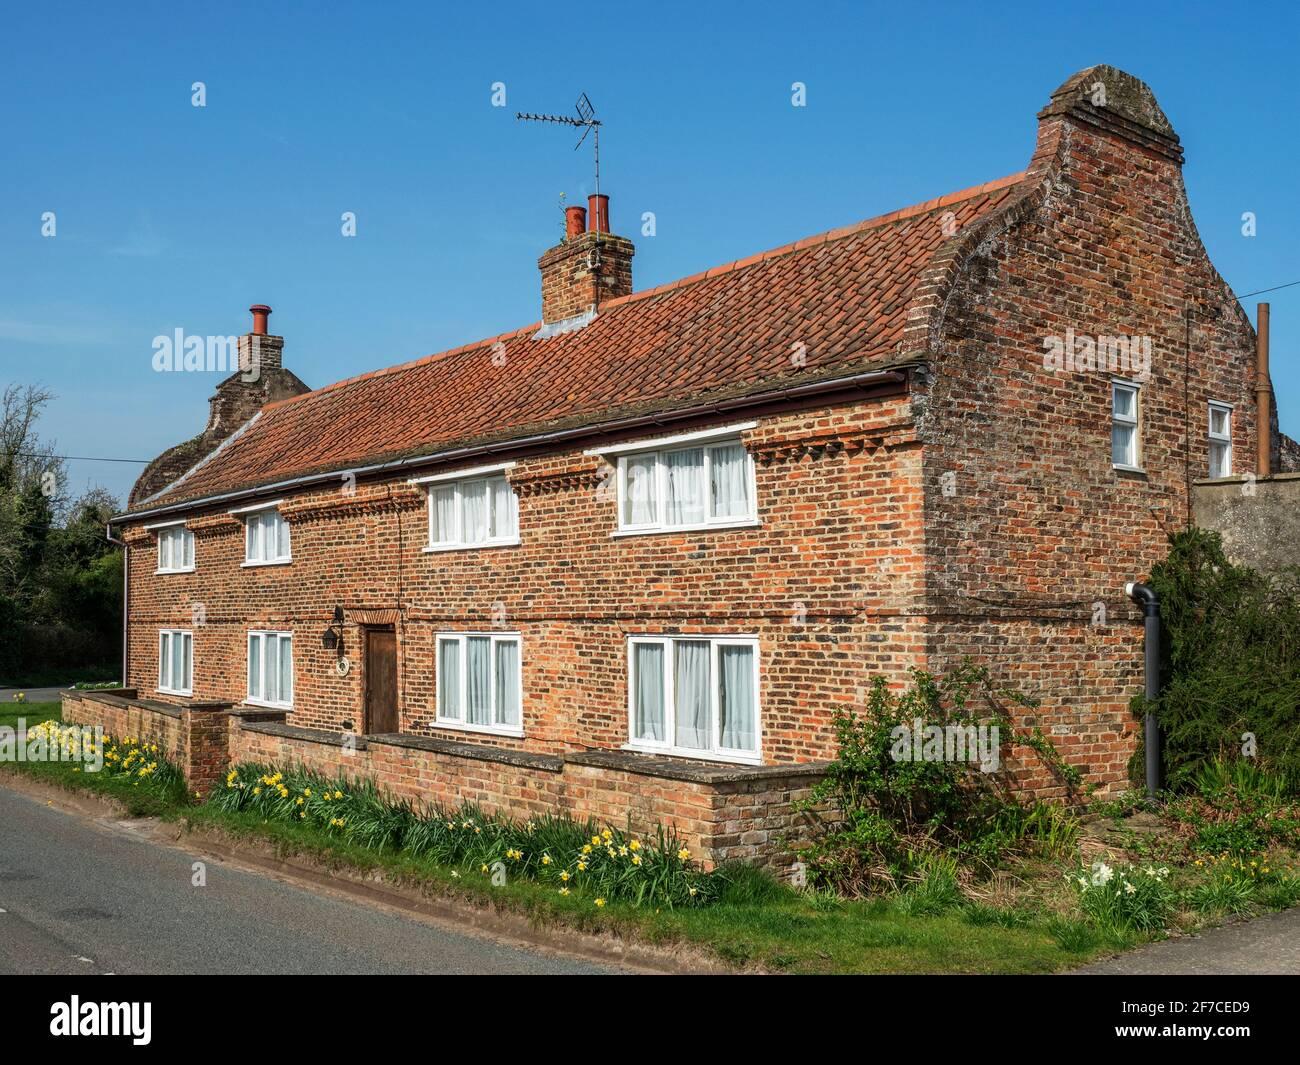 Long Cottage un bâtiment classé avec pignon hollandais se termine Arkendale près de Knaresborough North Yorkshire England Banque D'Images